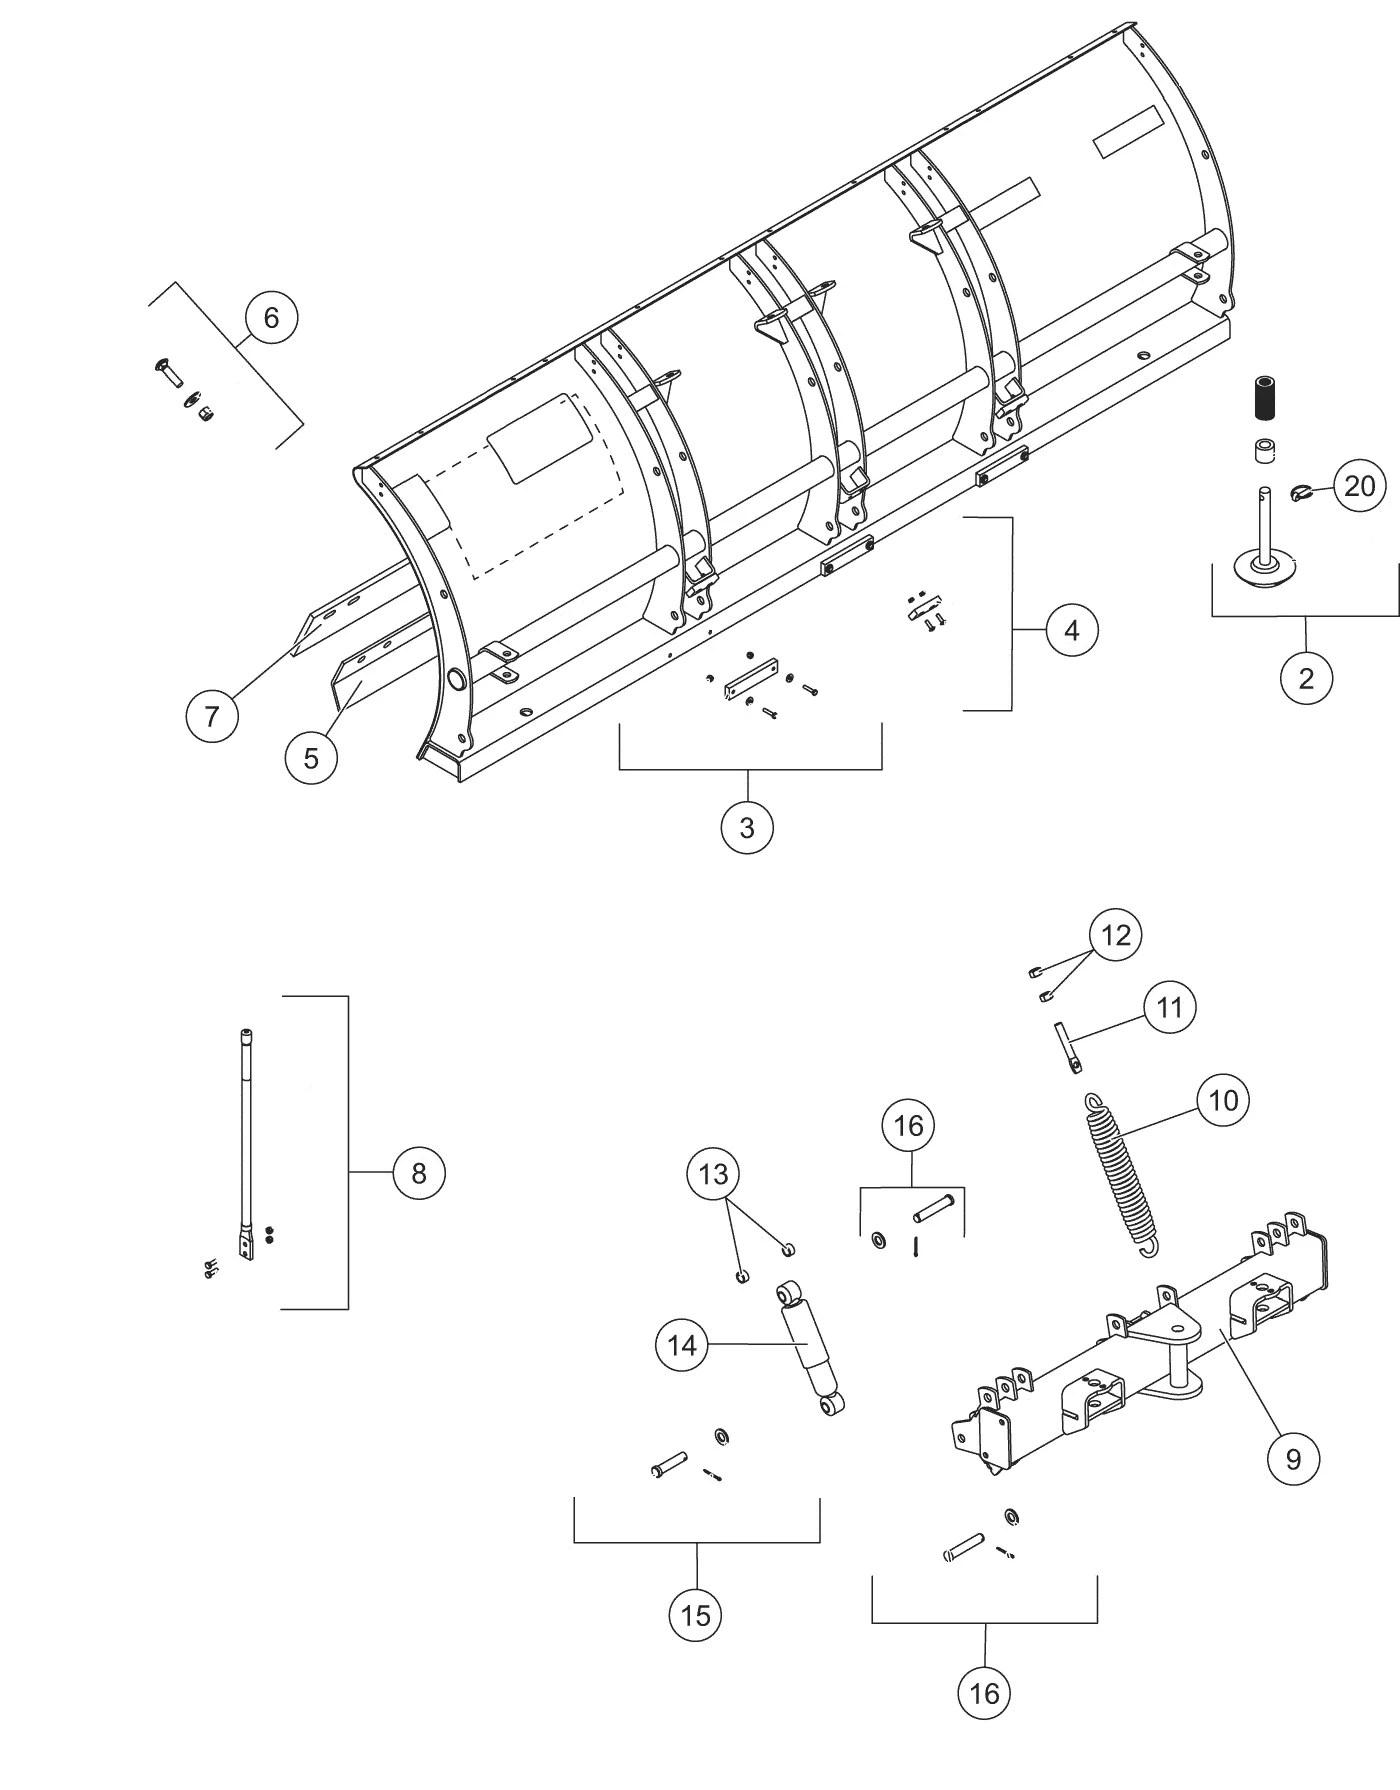 Pro Plus Blade Quadrant Diagram